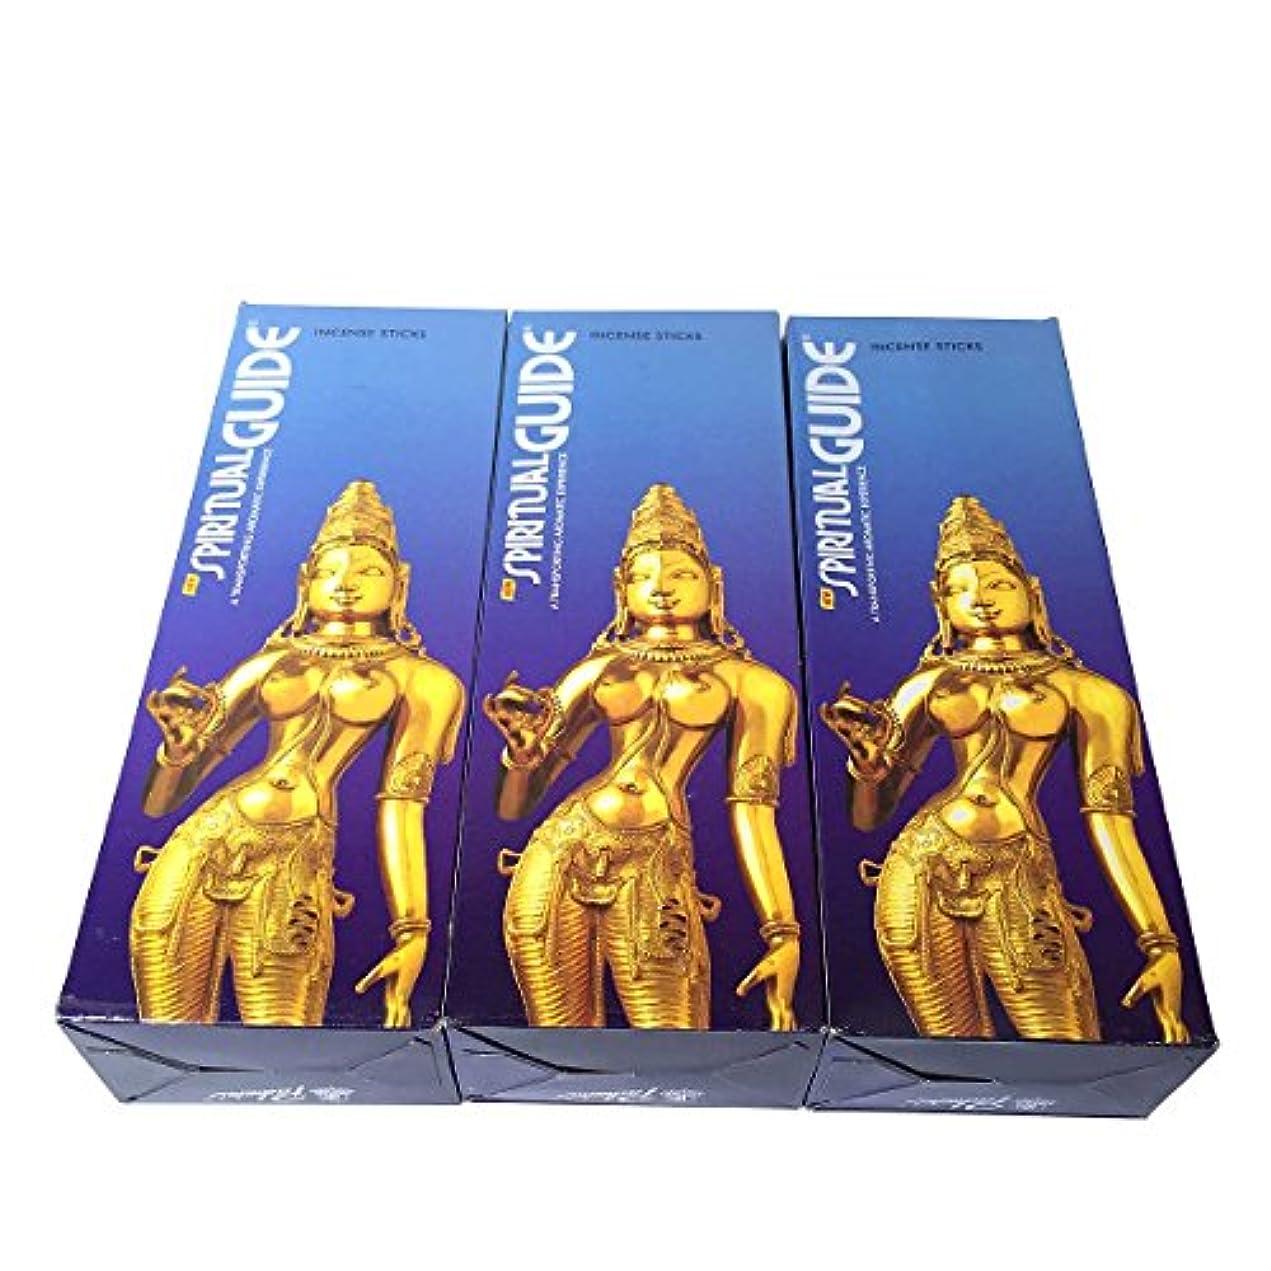 脅かす感じ透けて見えるスピリチュアルガイド香スティック 3BOX(18箱) /PADMINI SPIRITUALGUIDE/インセンス/インド香 お香 [並行輸入品]